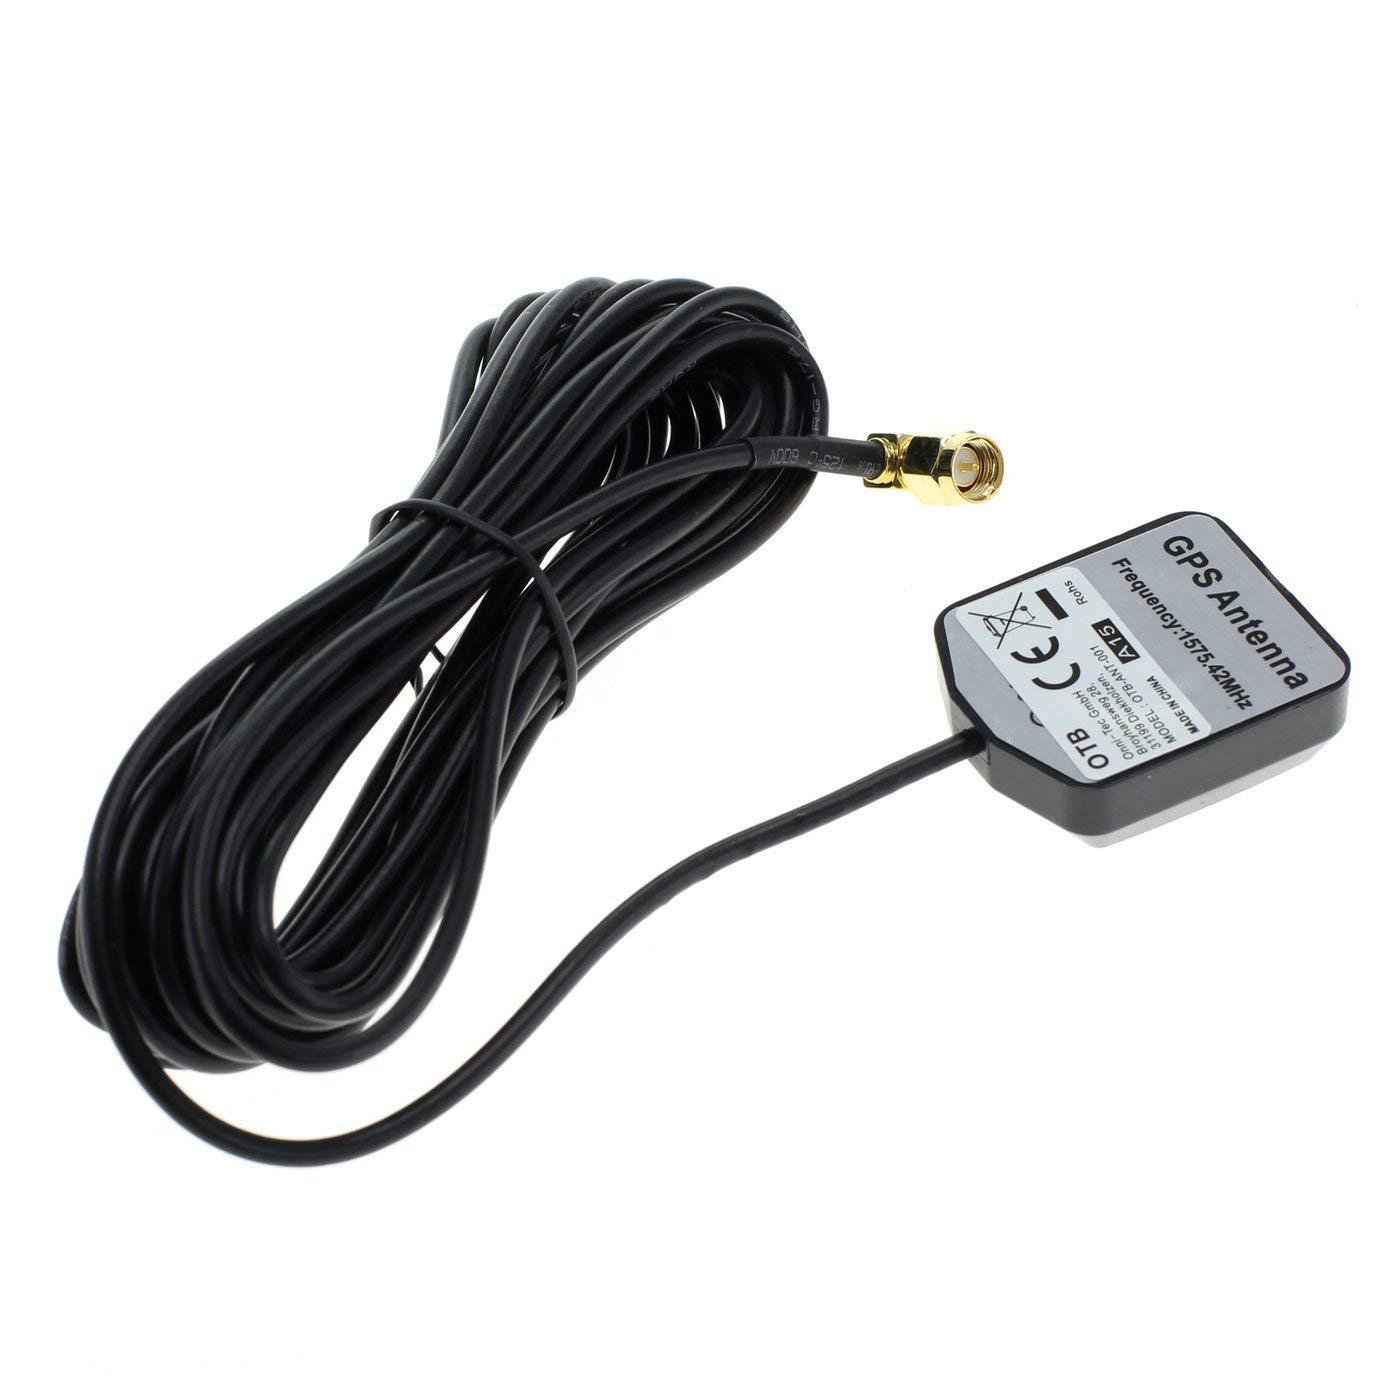 OTB 8002614 - Antenna GPS con attacco SMA e base magnetica, angolo di 90° , colore: Nero angolo di 90° Onni-Tec GmbH